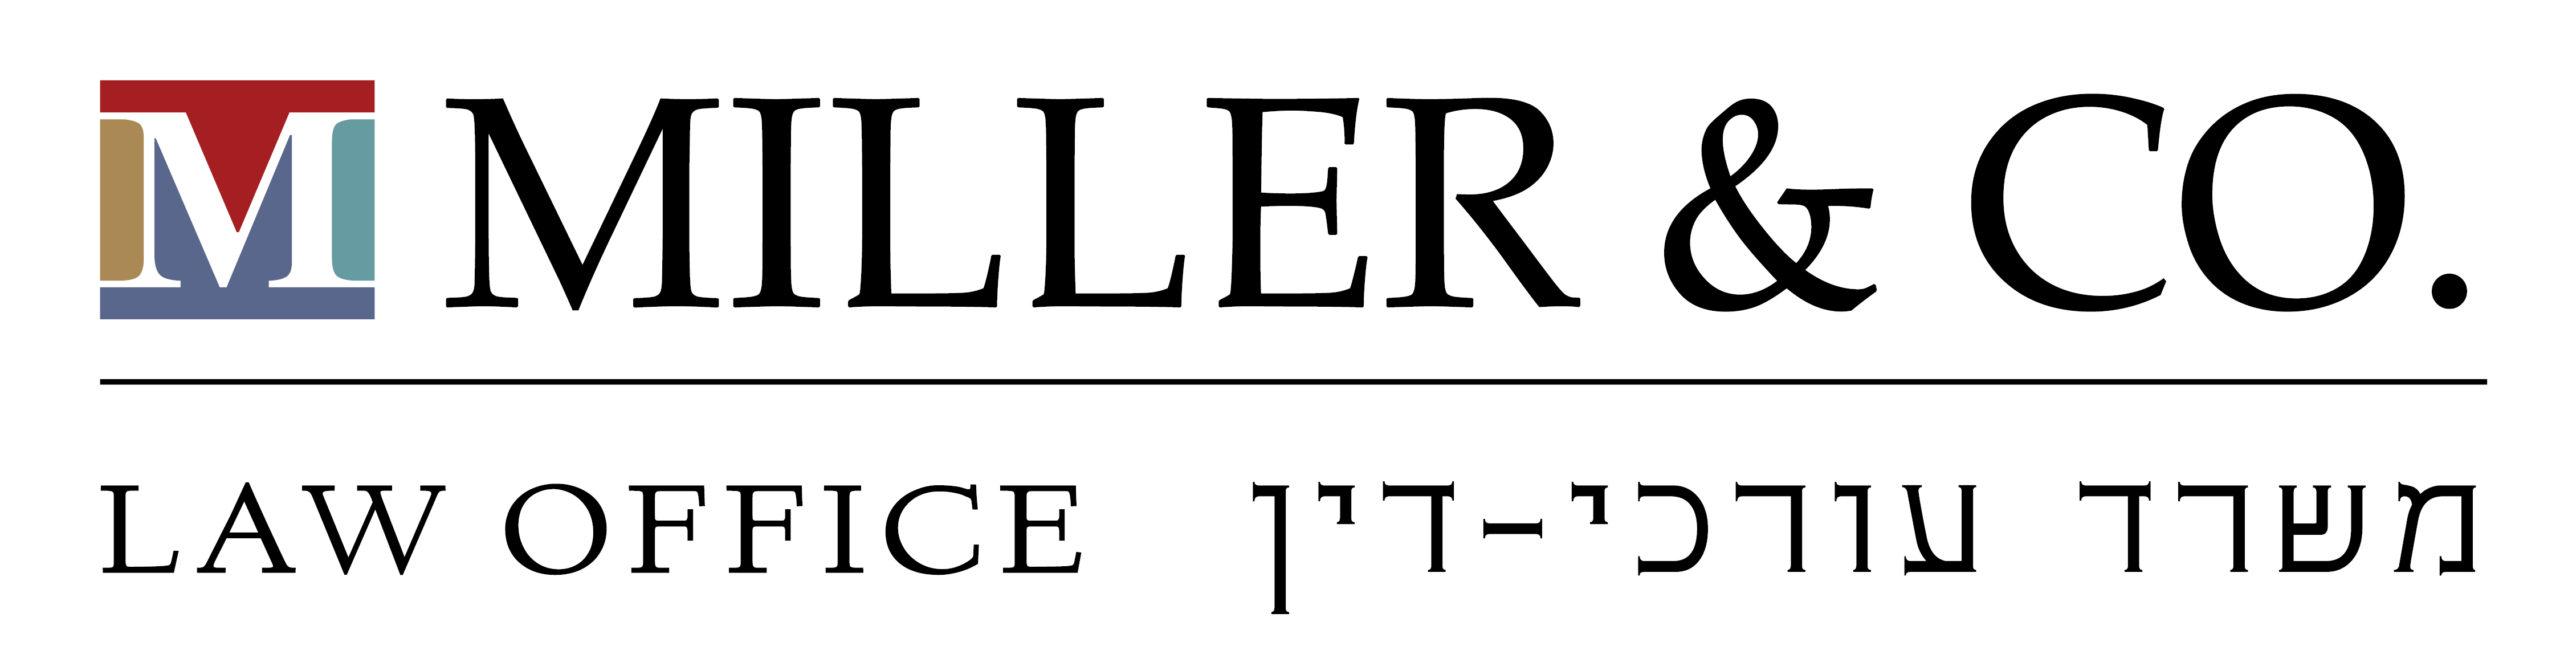 מילר ושות' משרד עורכי-דין